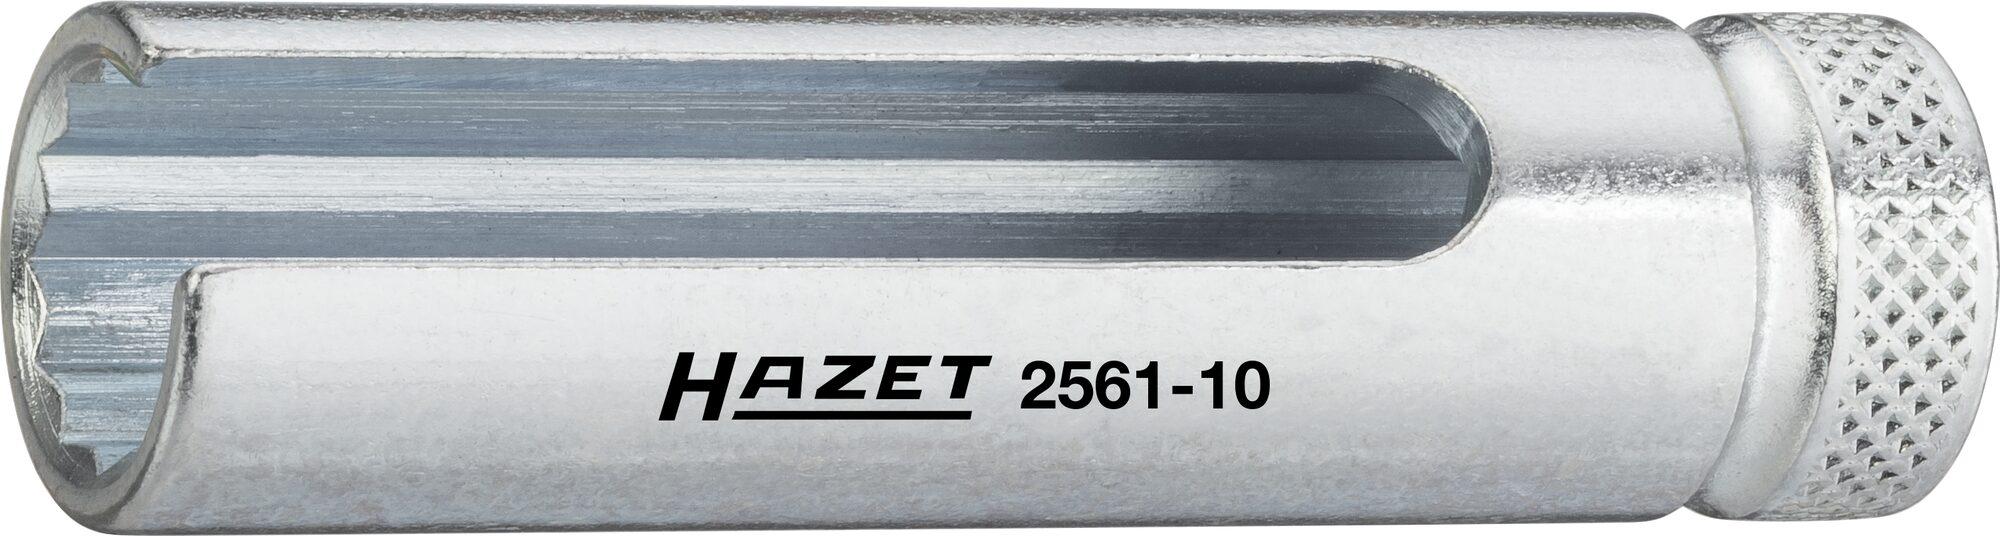 HAZET Turbolader Steckschlüsseleinsatz ∙ Doppelsechskant 2561-10 ∙ Vierkant hohl 6,3 mm (1/4 Zoll) ∙ 10 mm